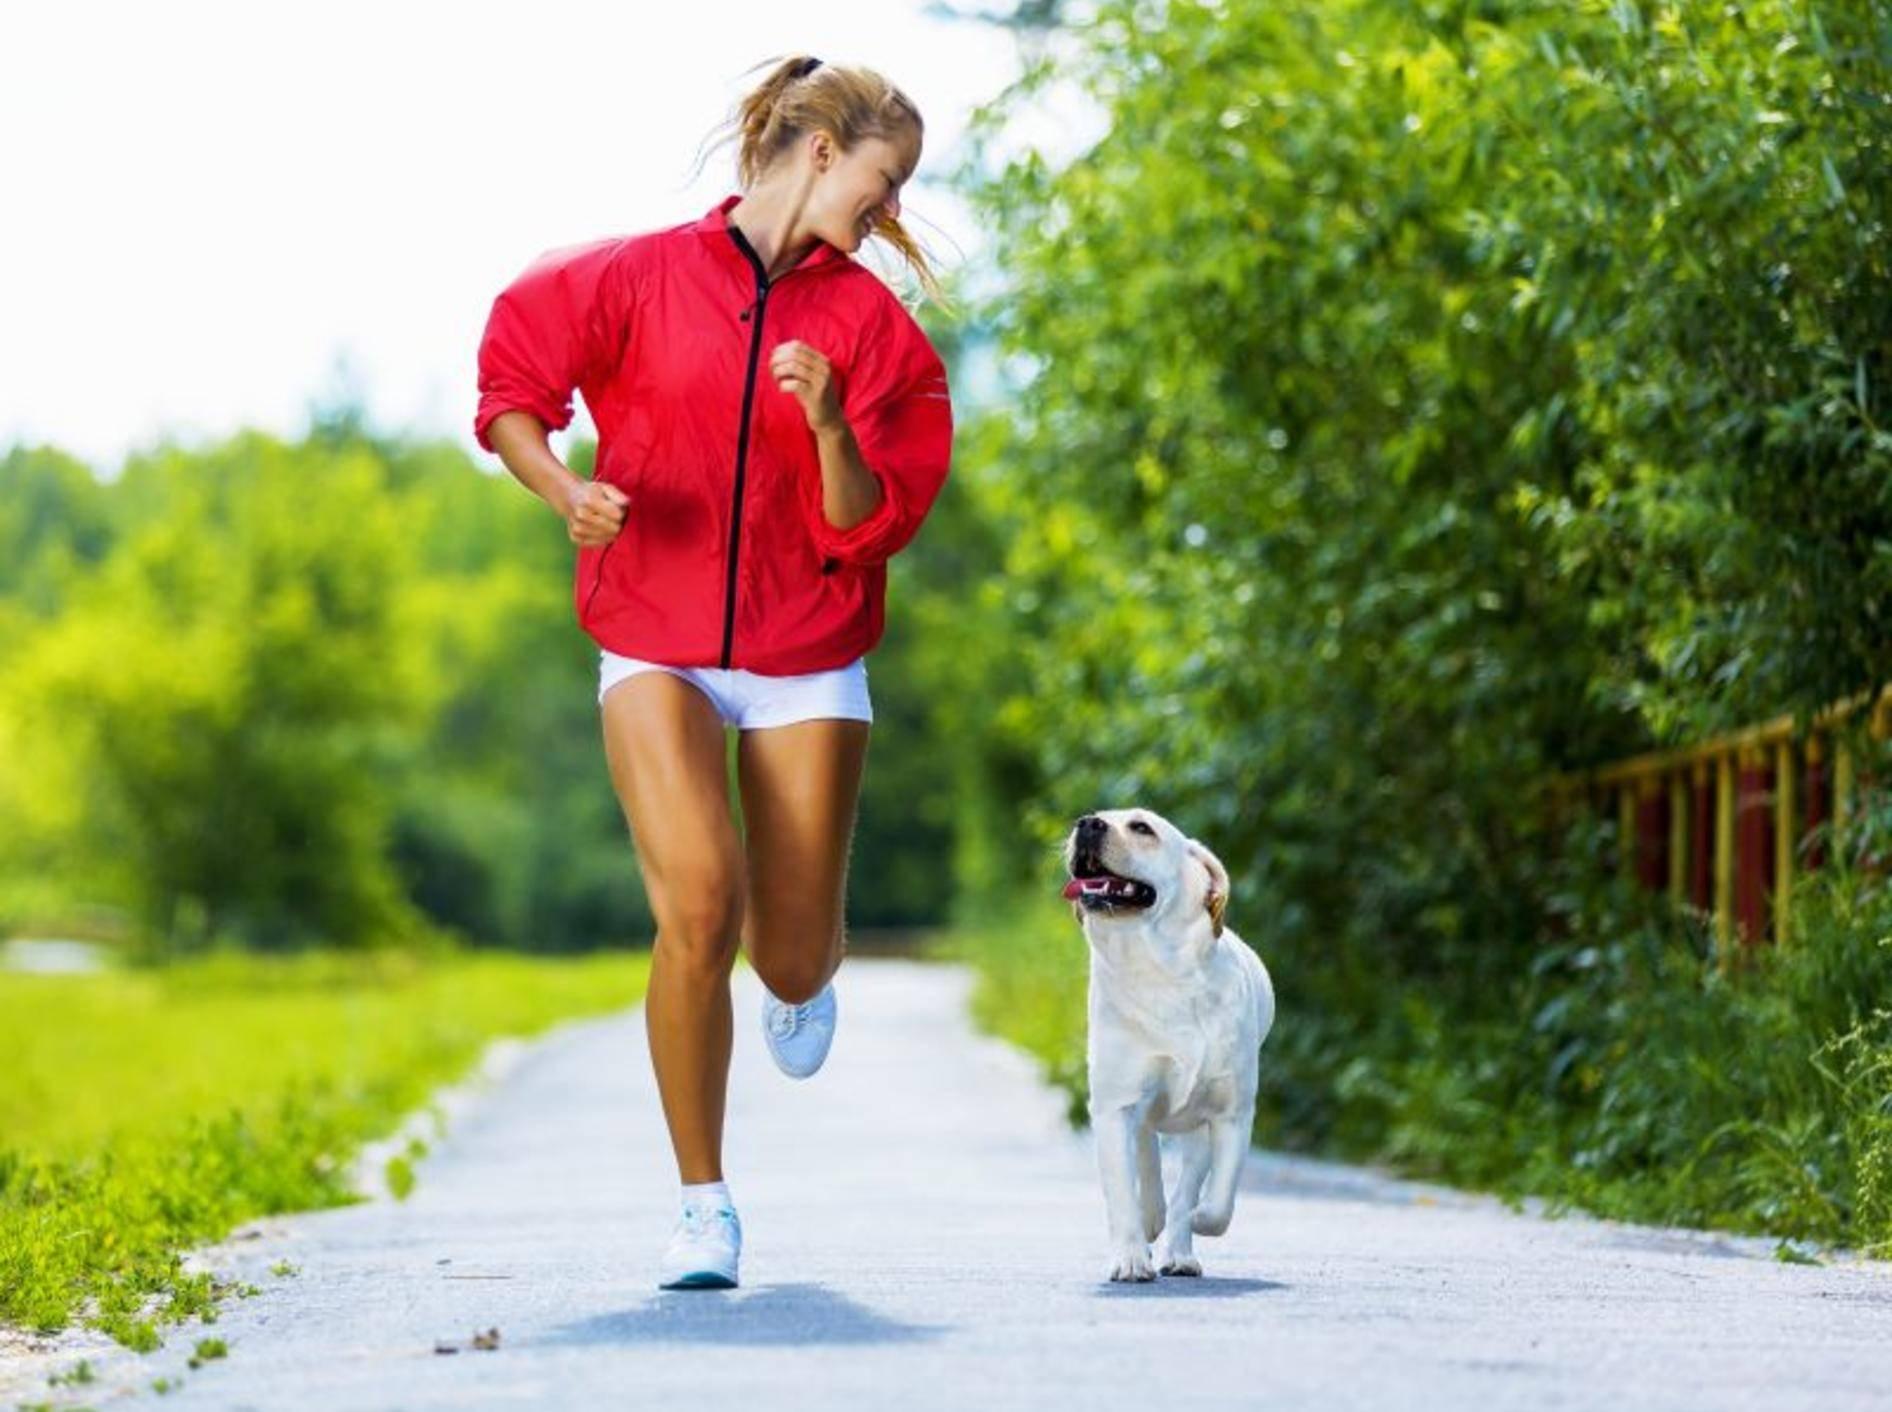 Joggen macht Zwei- und Vierbeinern Spaß – Bild: Shutterstock / Sergey Nivens